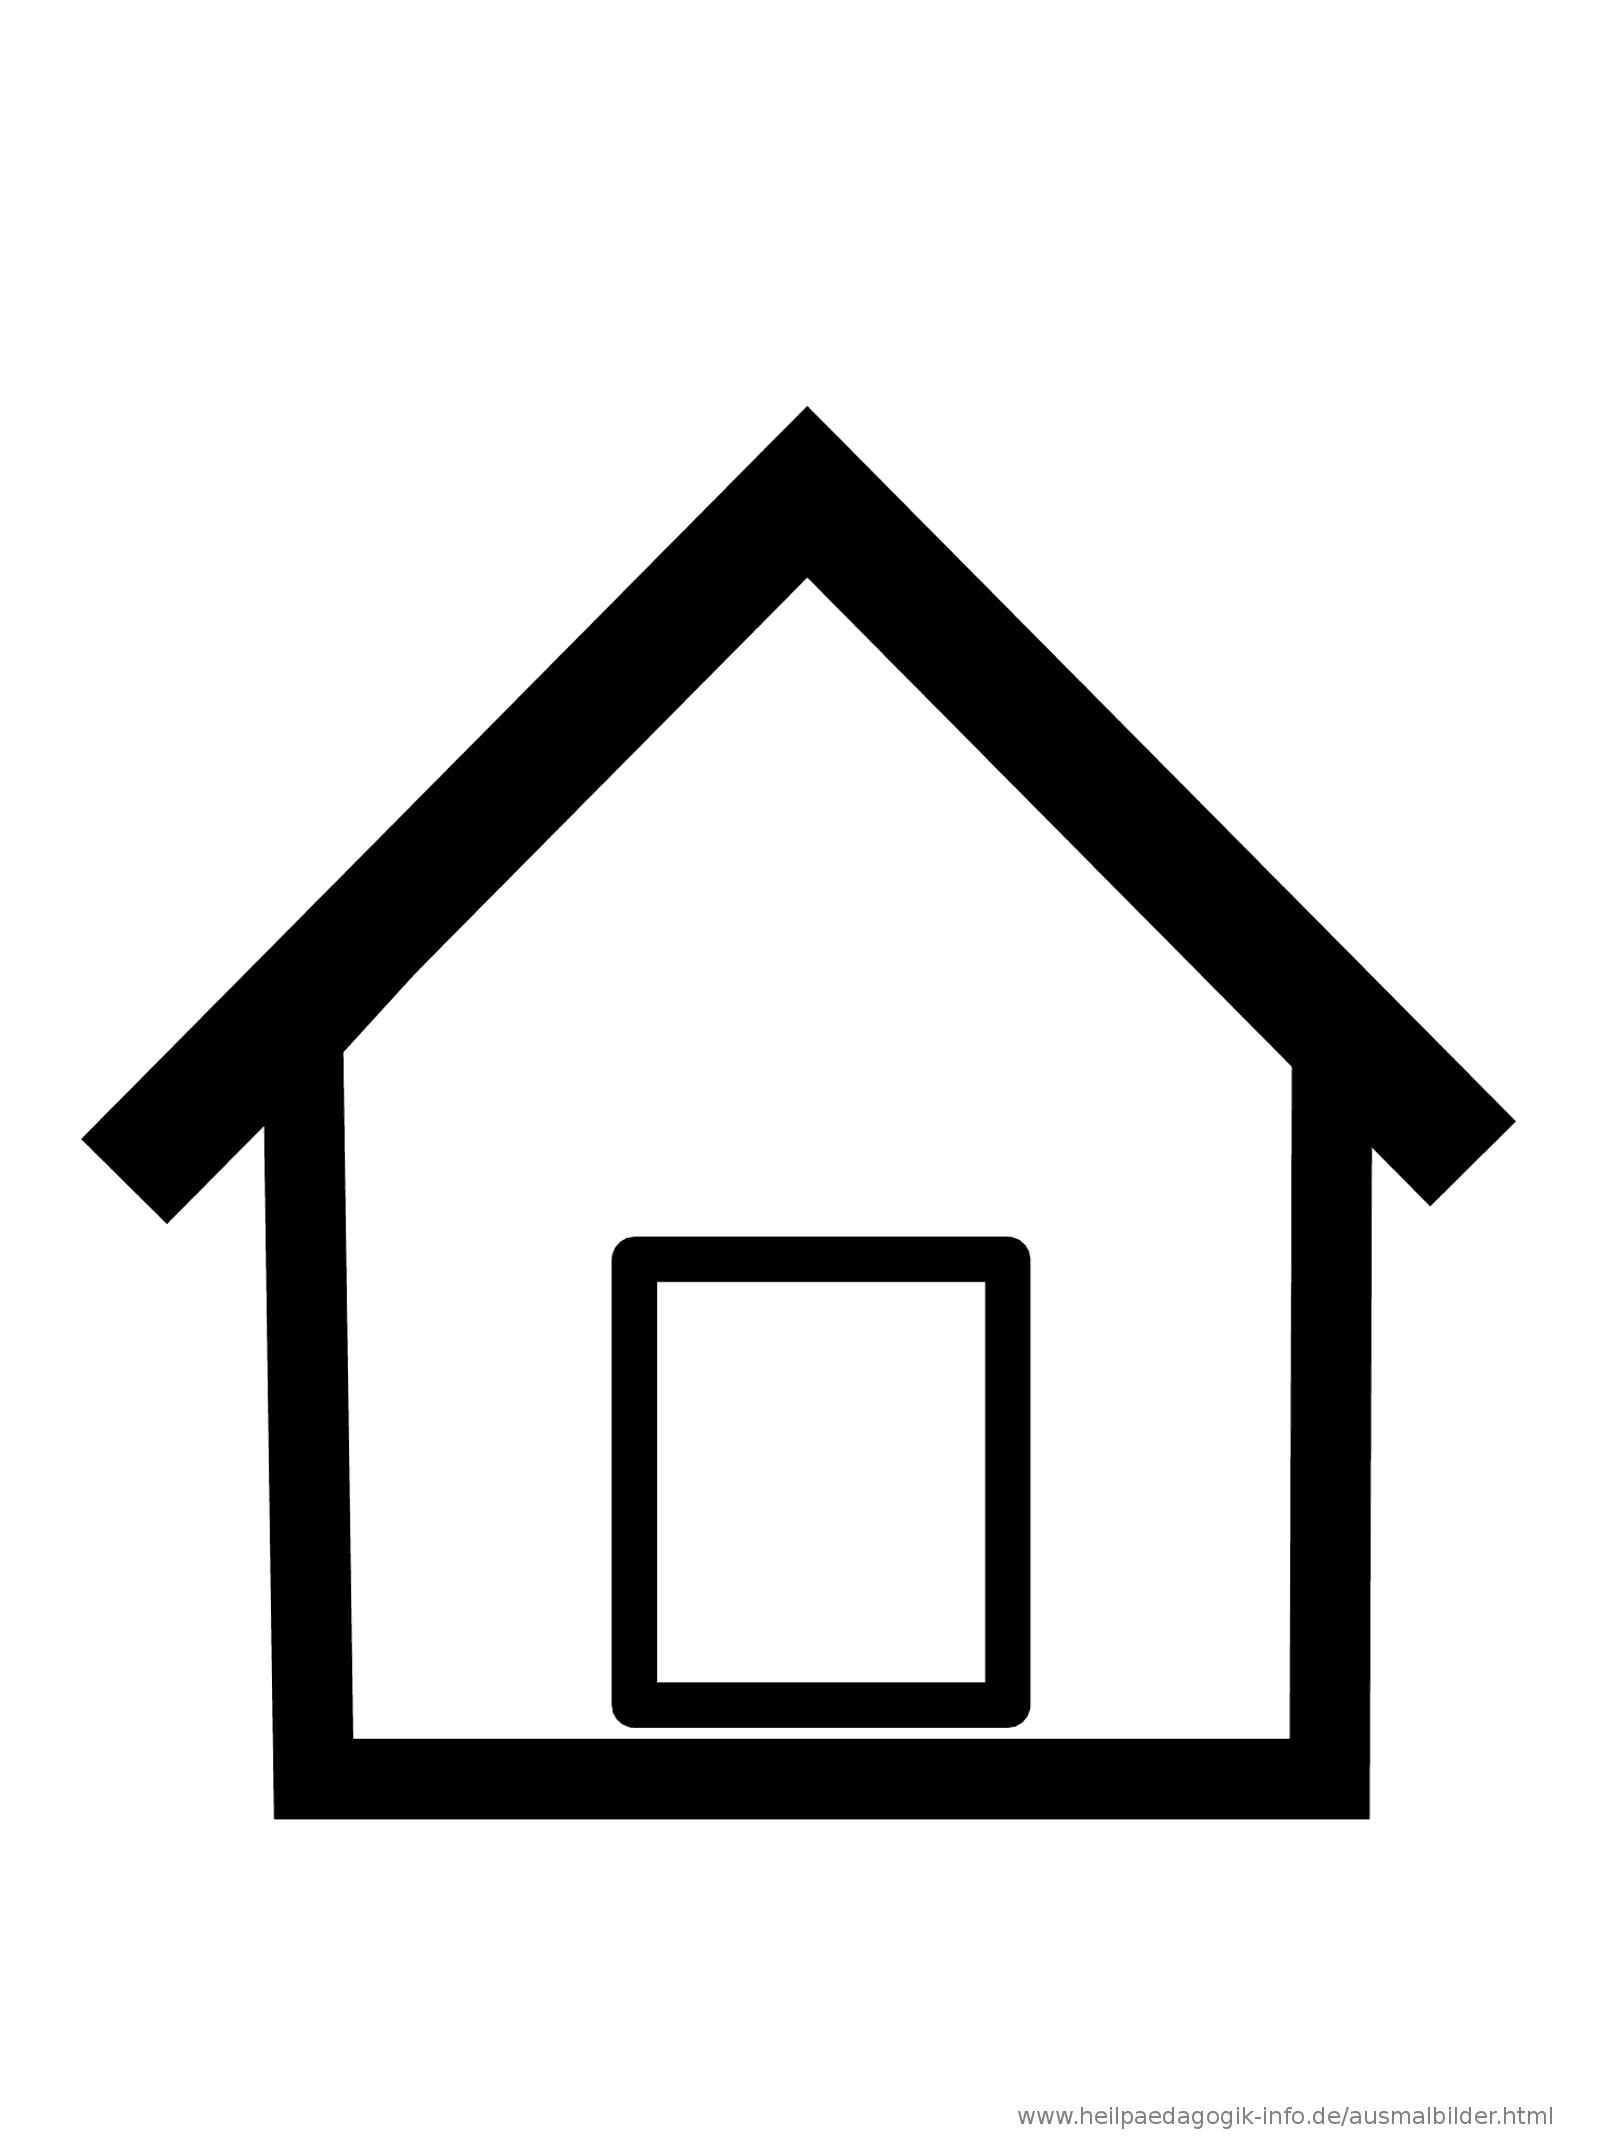 Haus Ausmalbild  Ausmalbilder Häuser und Gebäude